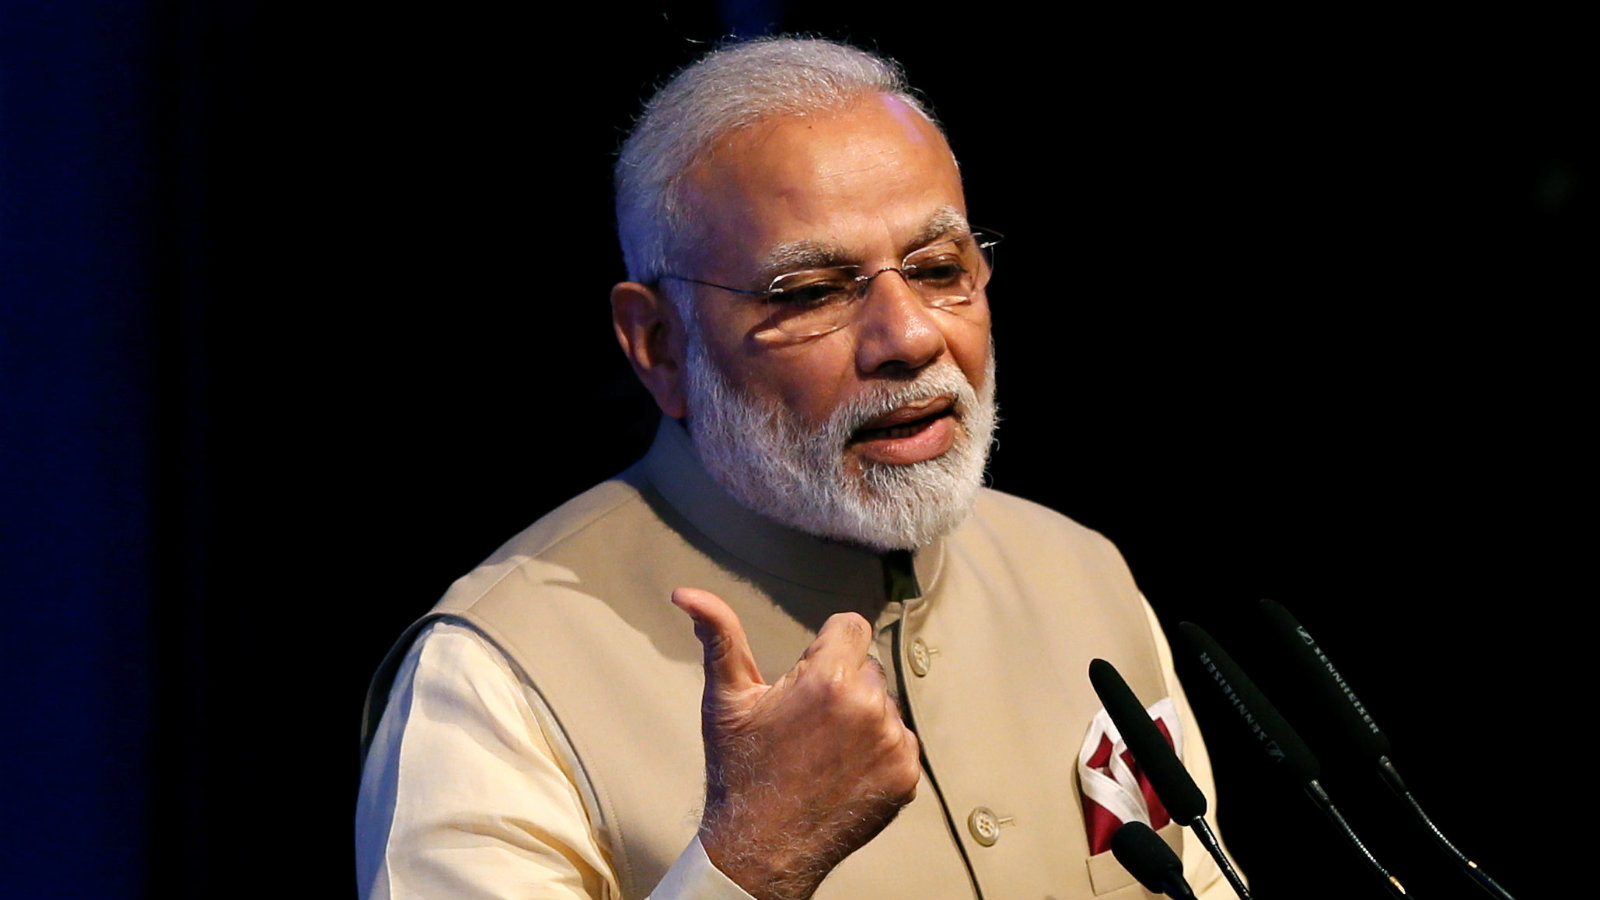 India's Prime Minister Narendra Modi speaks during the United Nations Vesak Day Conference in Colombo, Sri Lanka May 12, 2017.